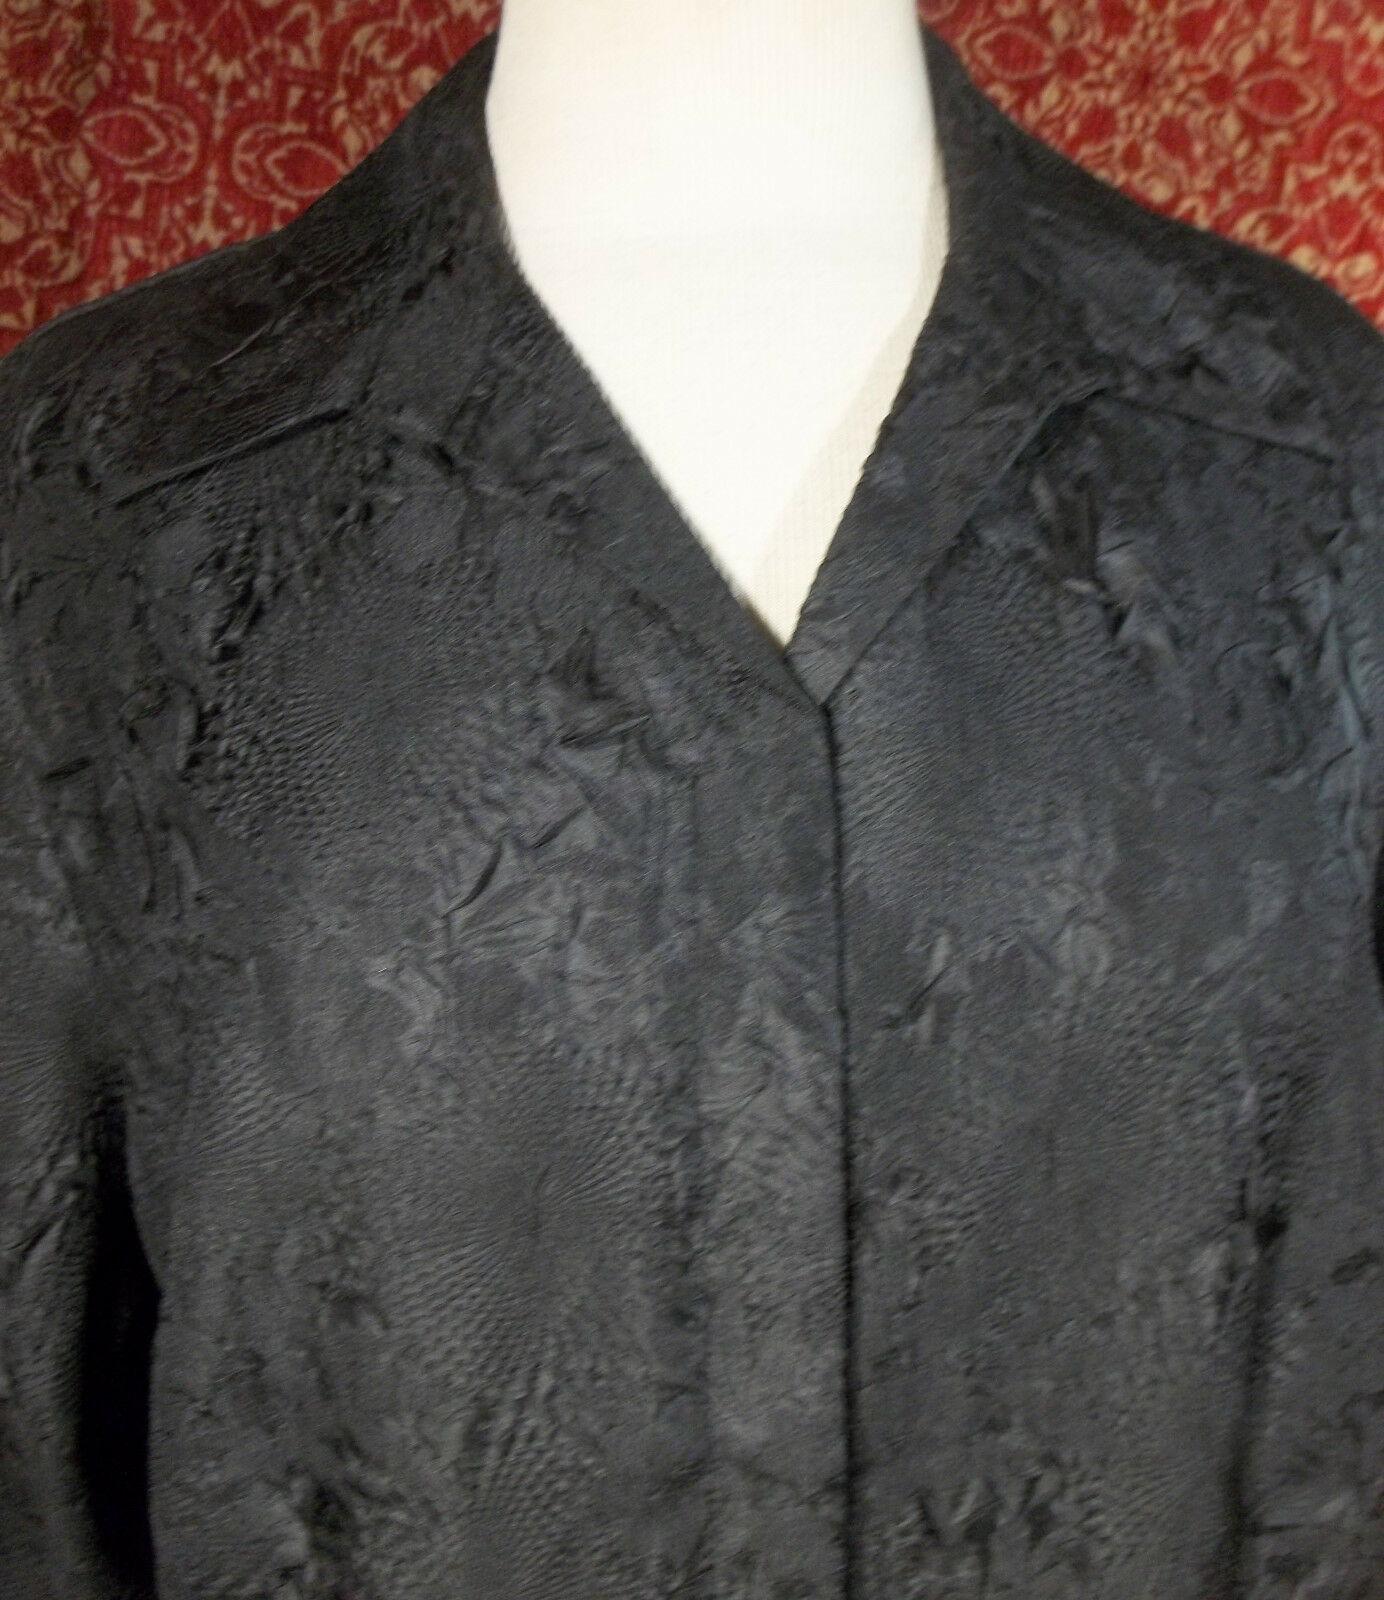 KORET black wrinkle polyester long sleeve blouse 16 (T45-03G8G) image 2